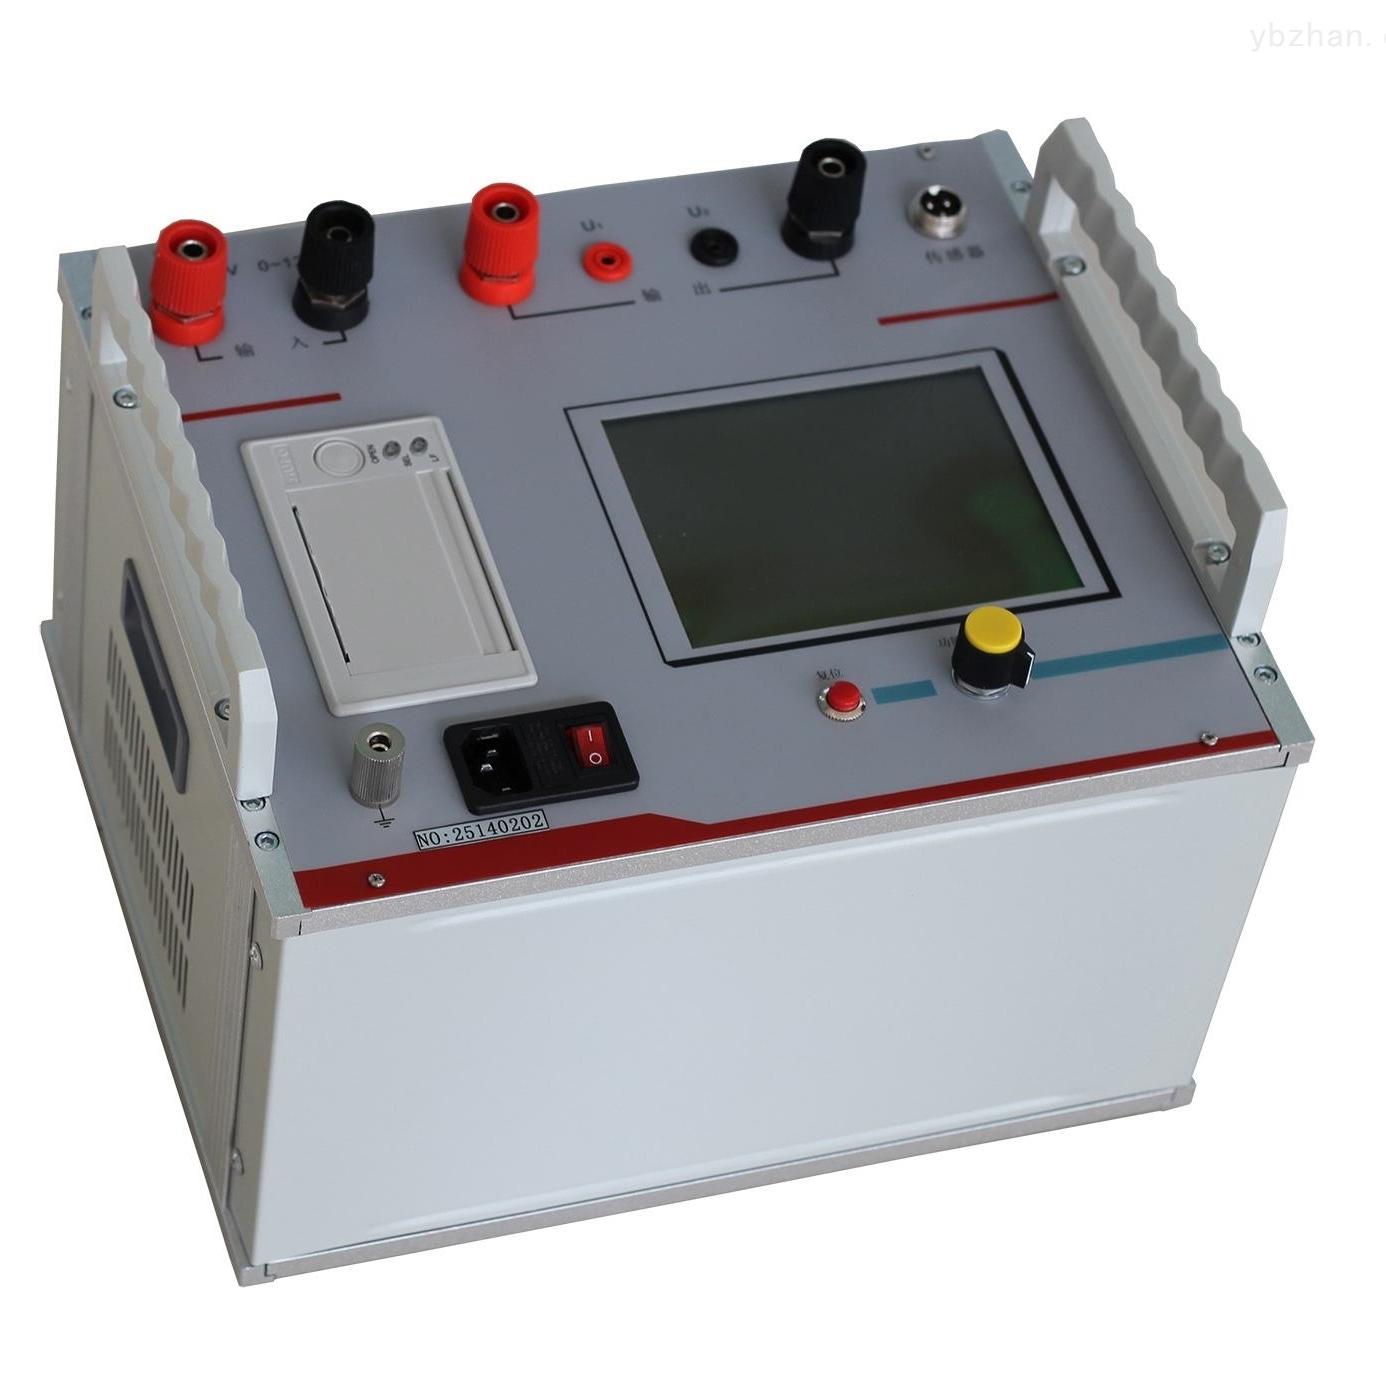 扬州发电机转子交流阻抗测试仪生产厂家